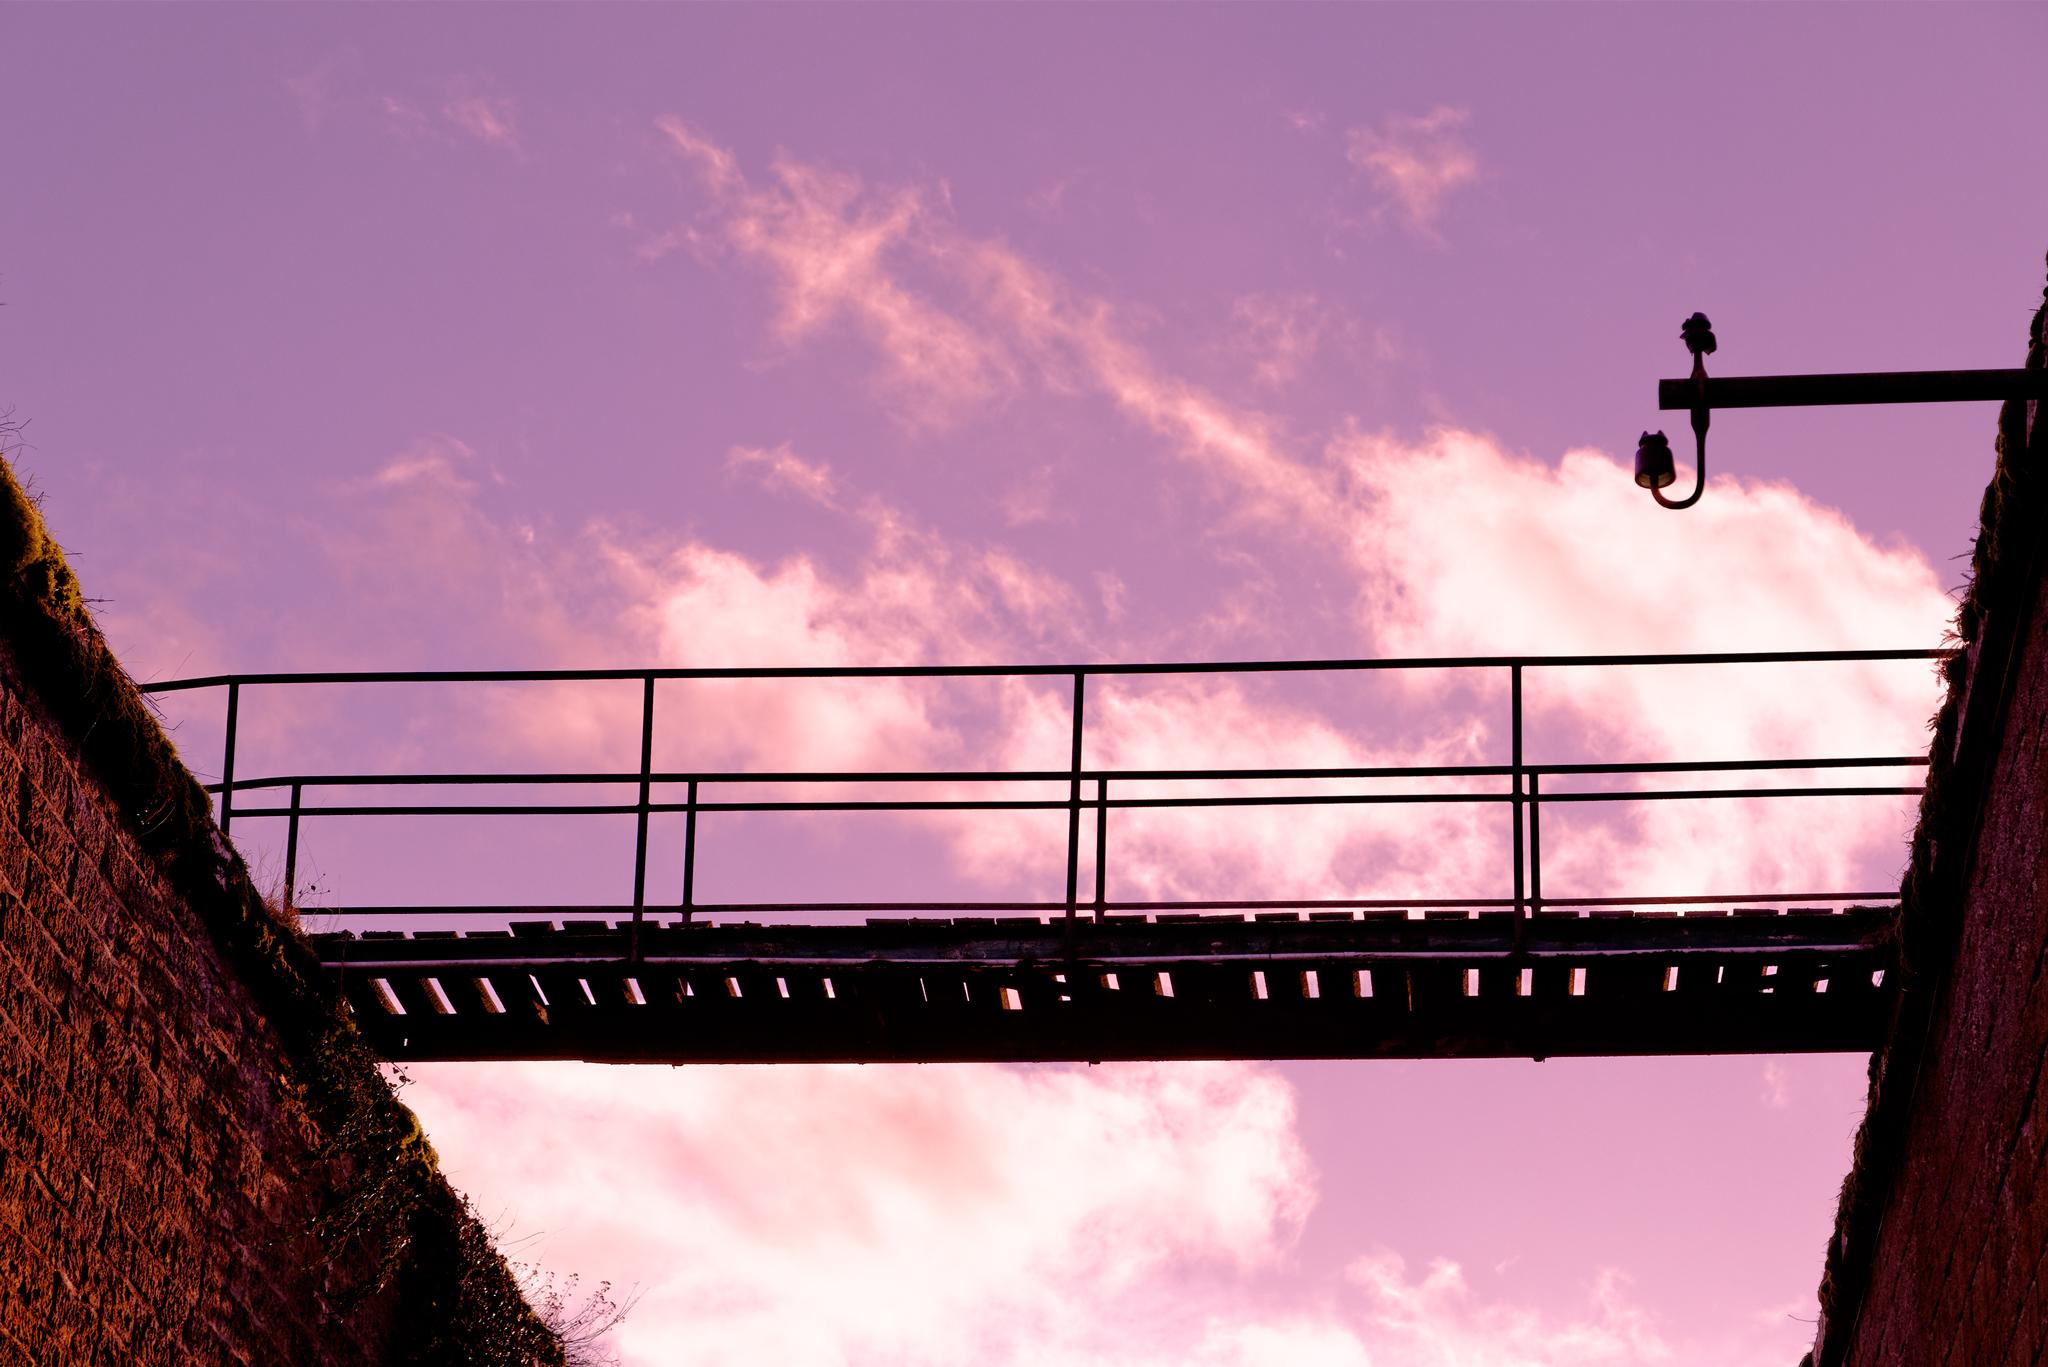 Passerel et ciel mauve par stéphane thirion photographe